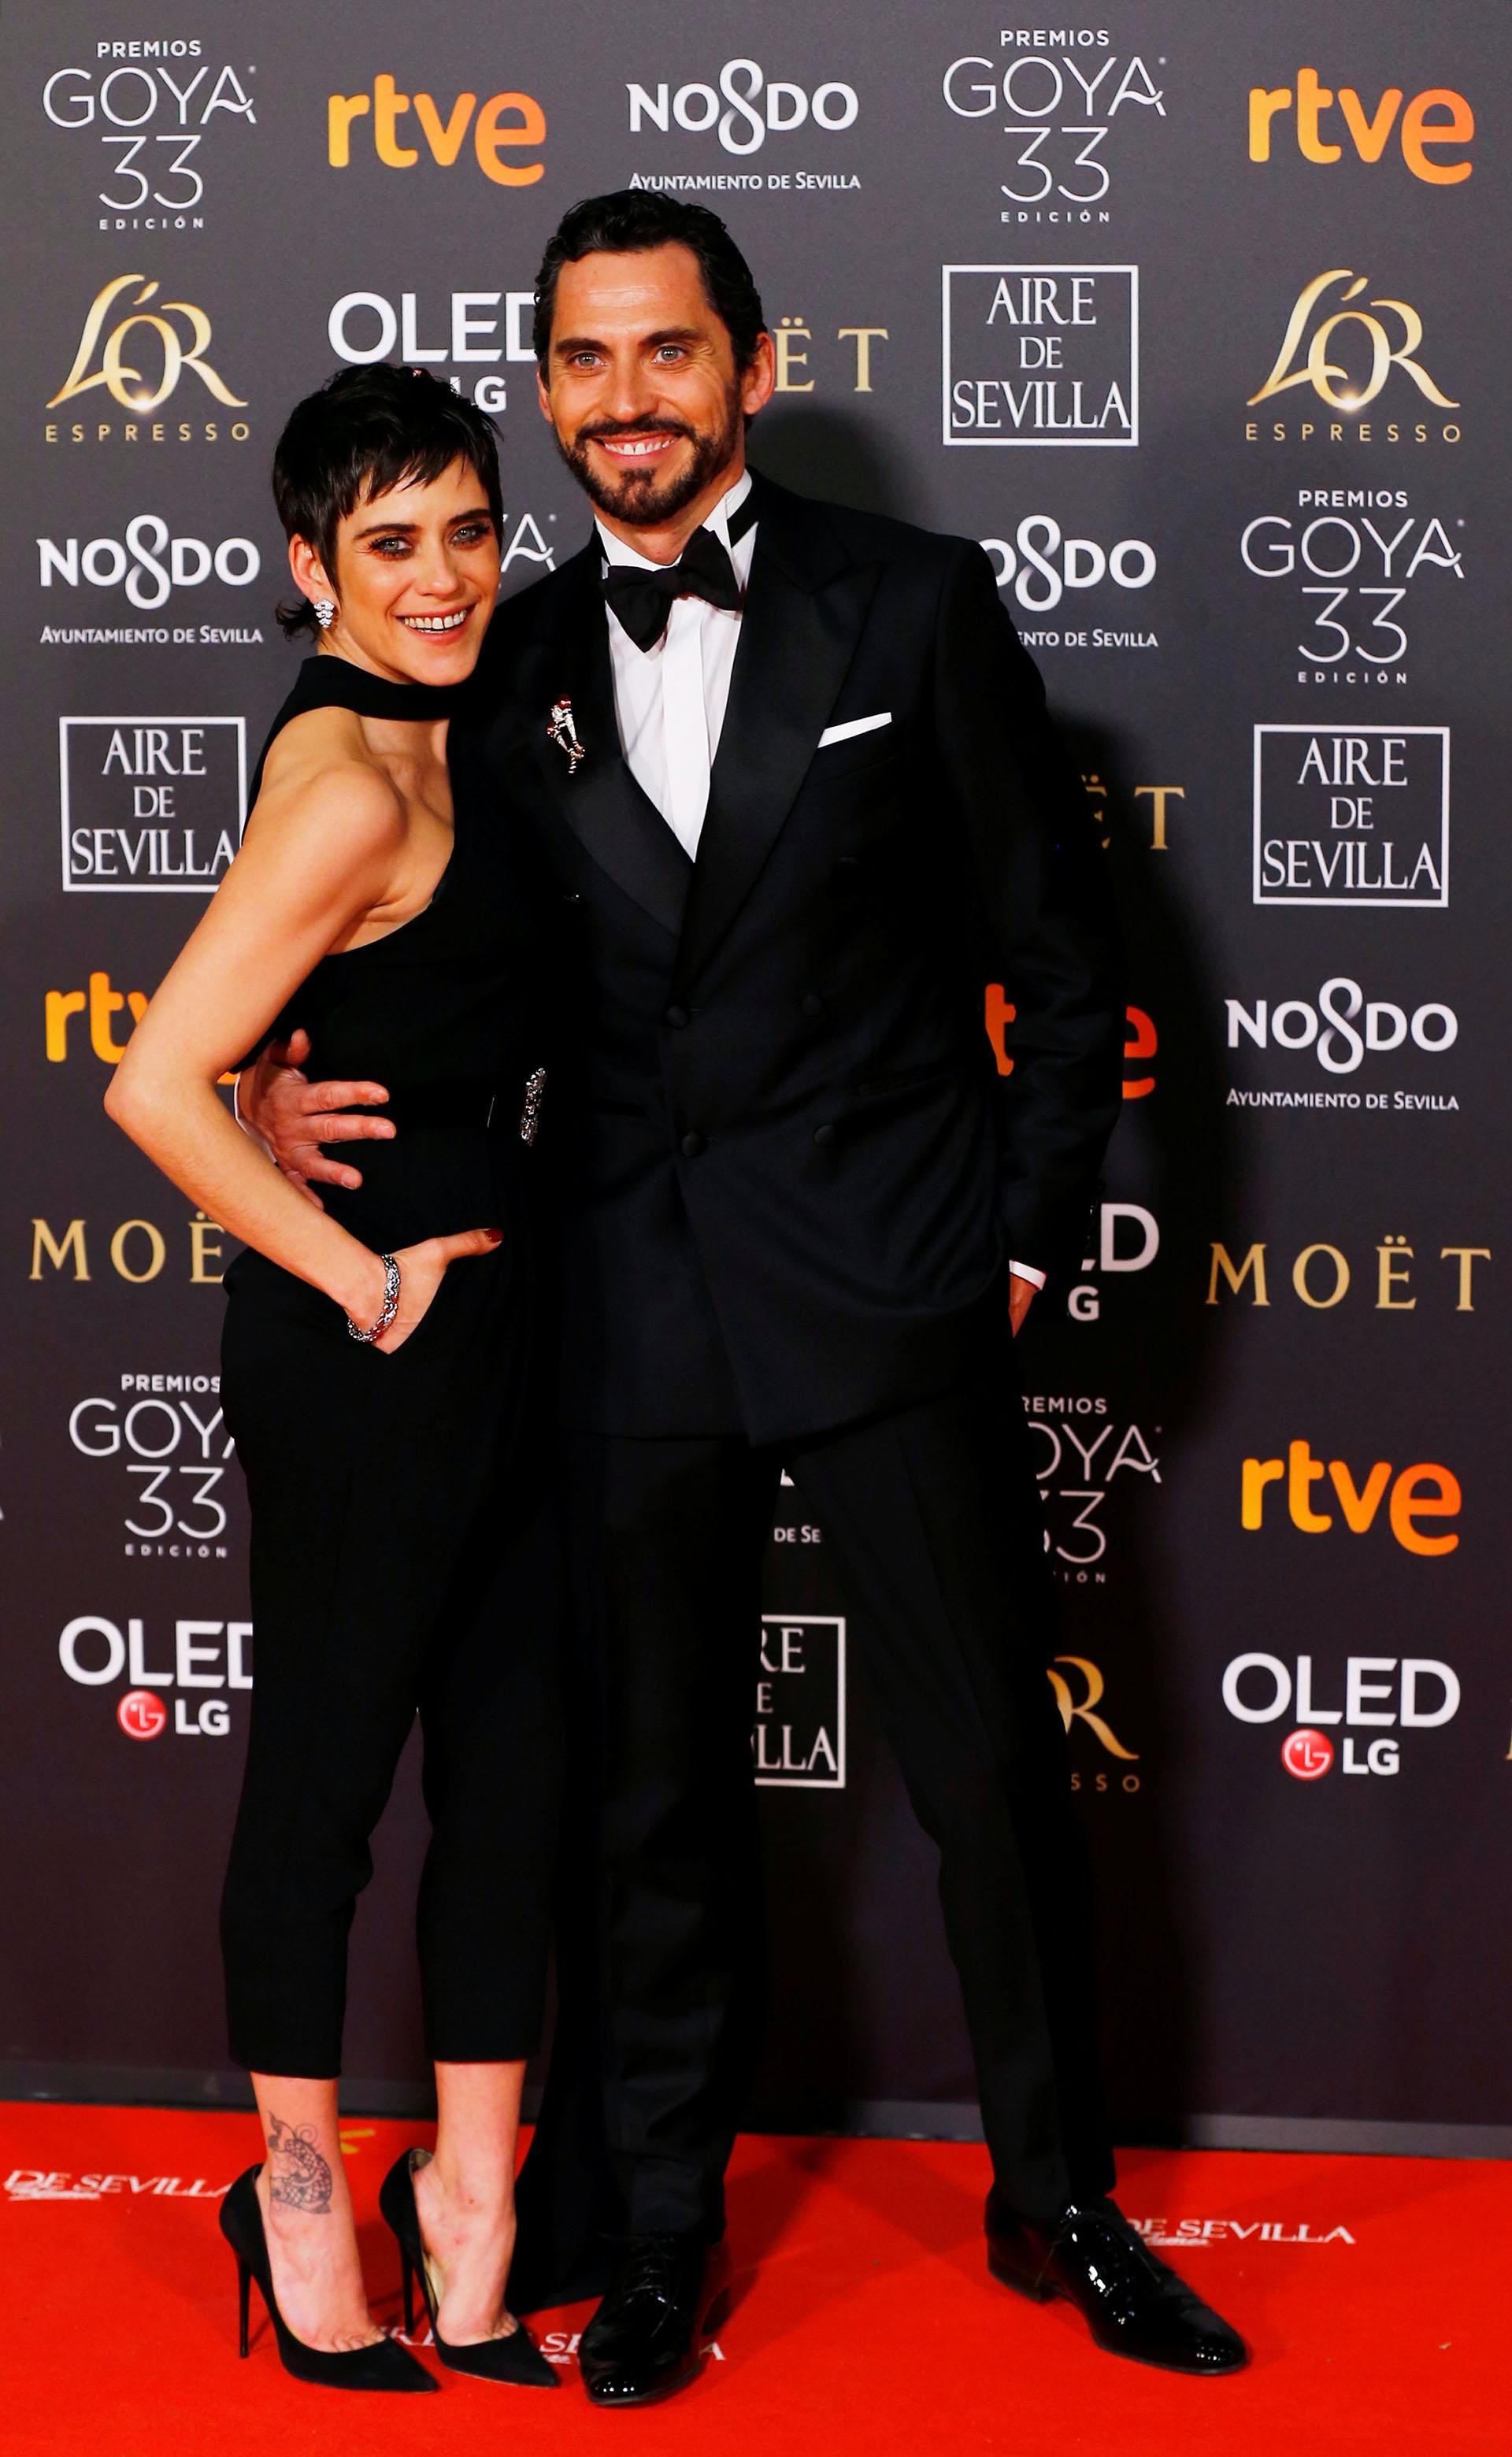 María y Paco León (REUTERS/Marcelo Del Pozo)